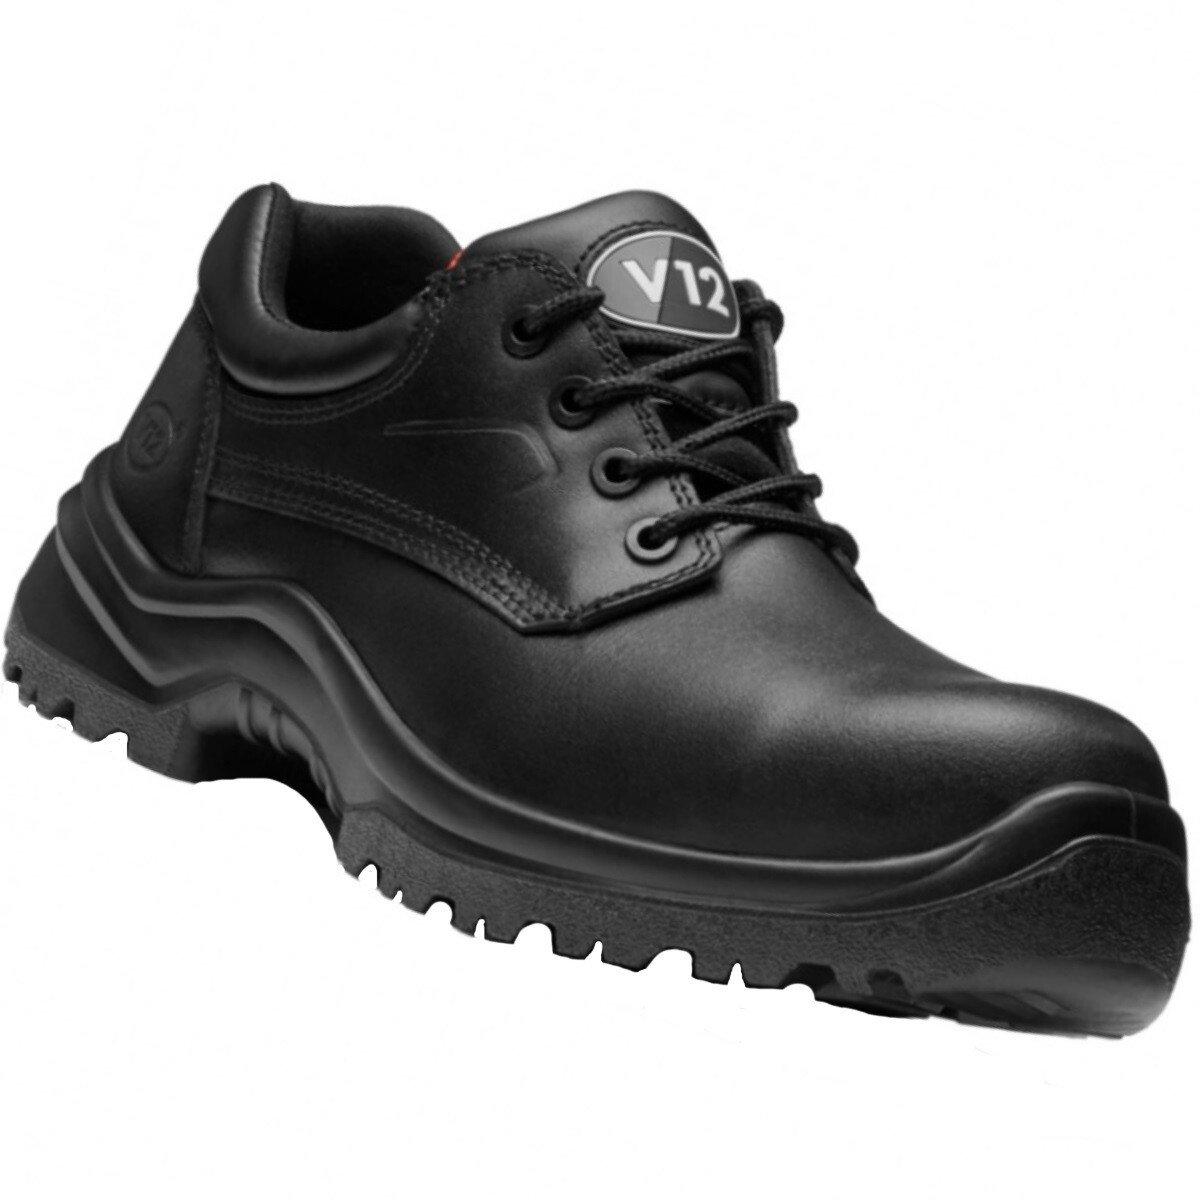 V12 Footwear V6411.01 Oxen Black Metal Free 4 Eyelet Shoe S3 SRC